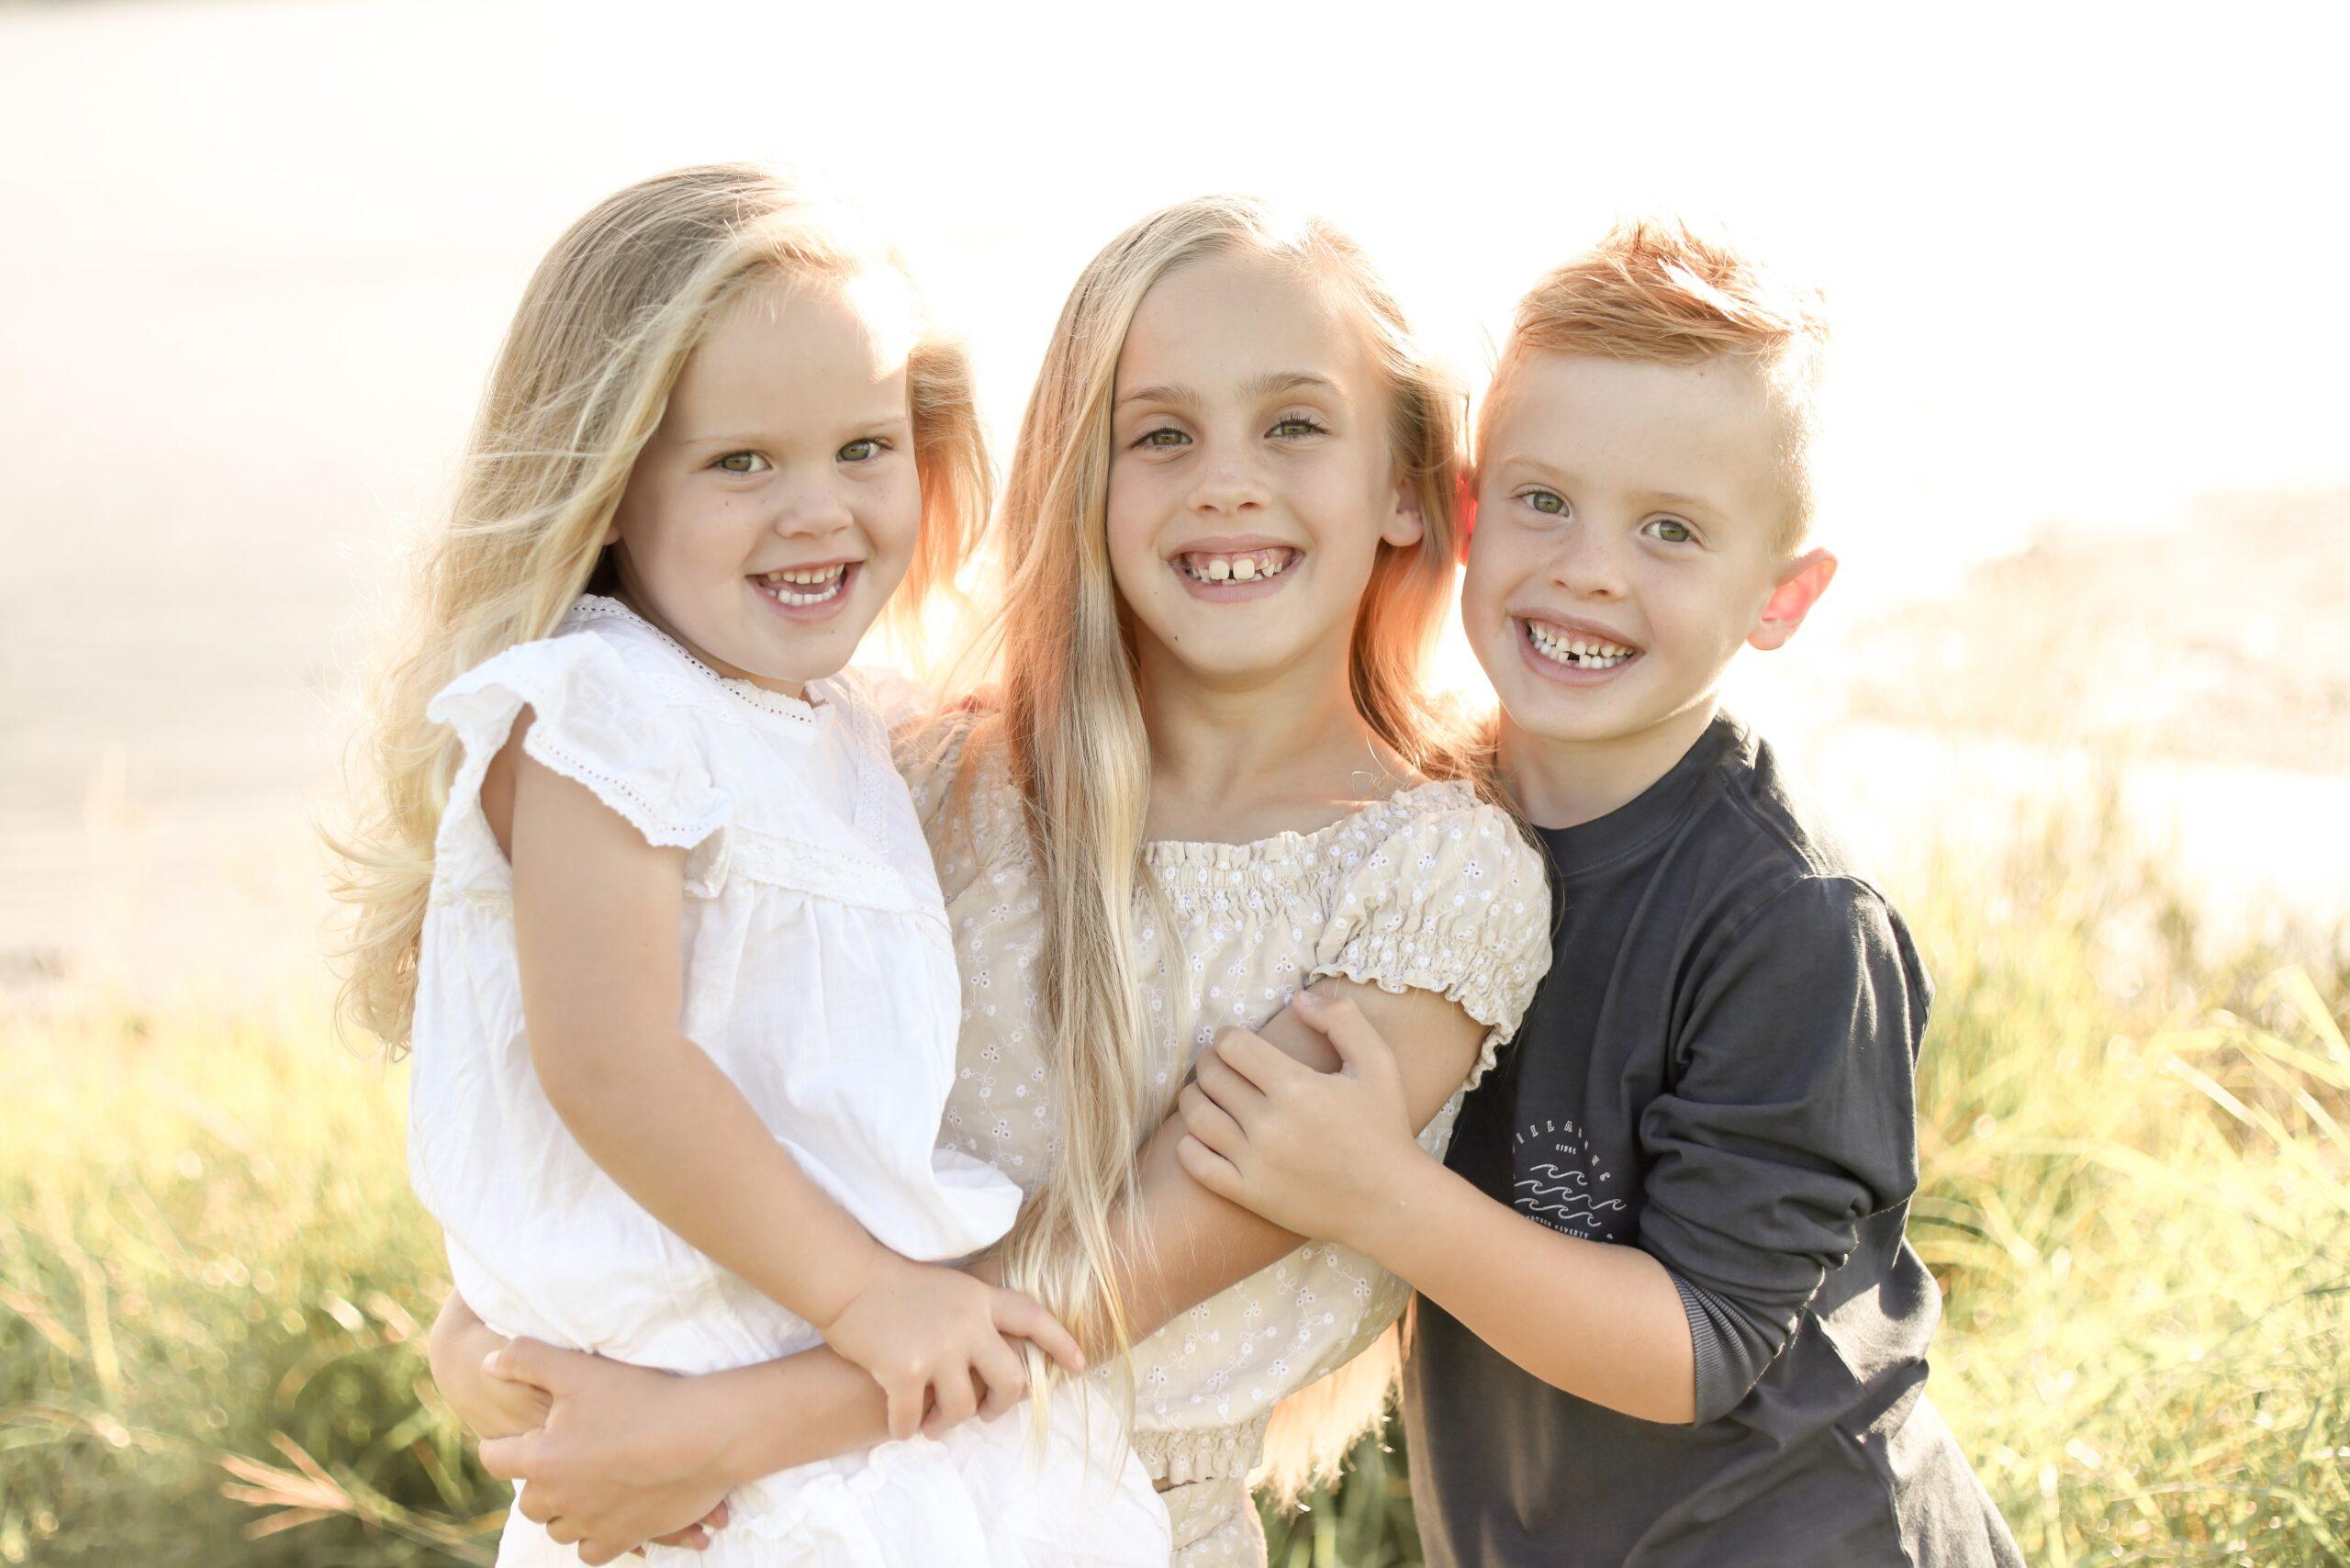 Emma's three children